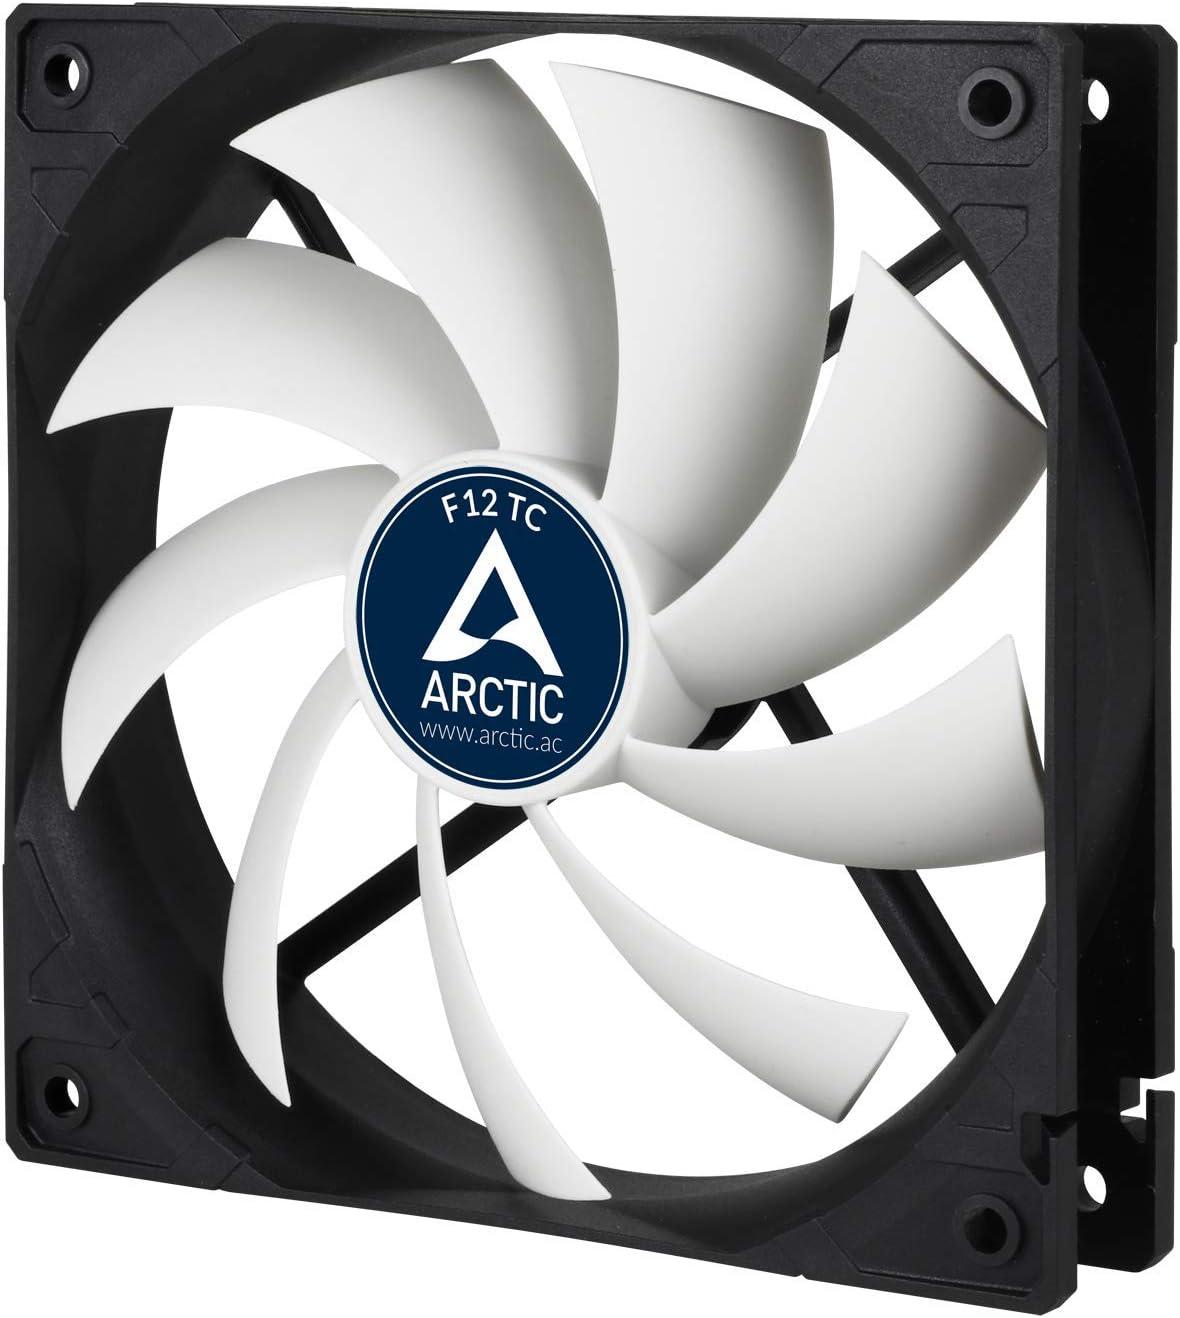 ARCTIC F12 TC - Ventilador Caja estándar de 120 mm, Extremadamente ...